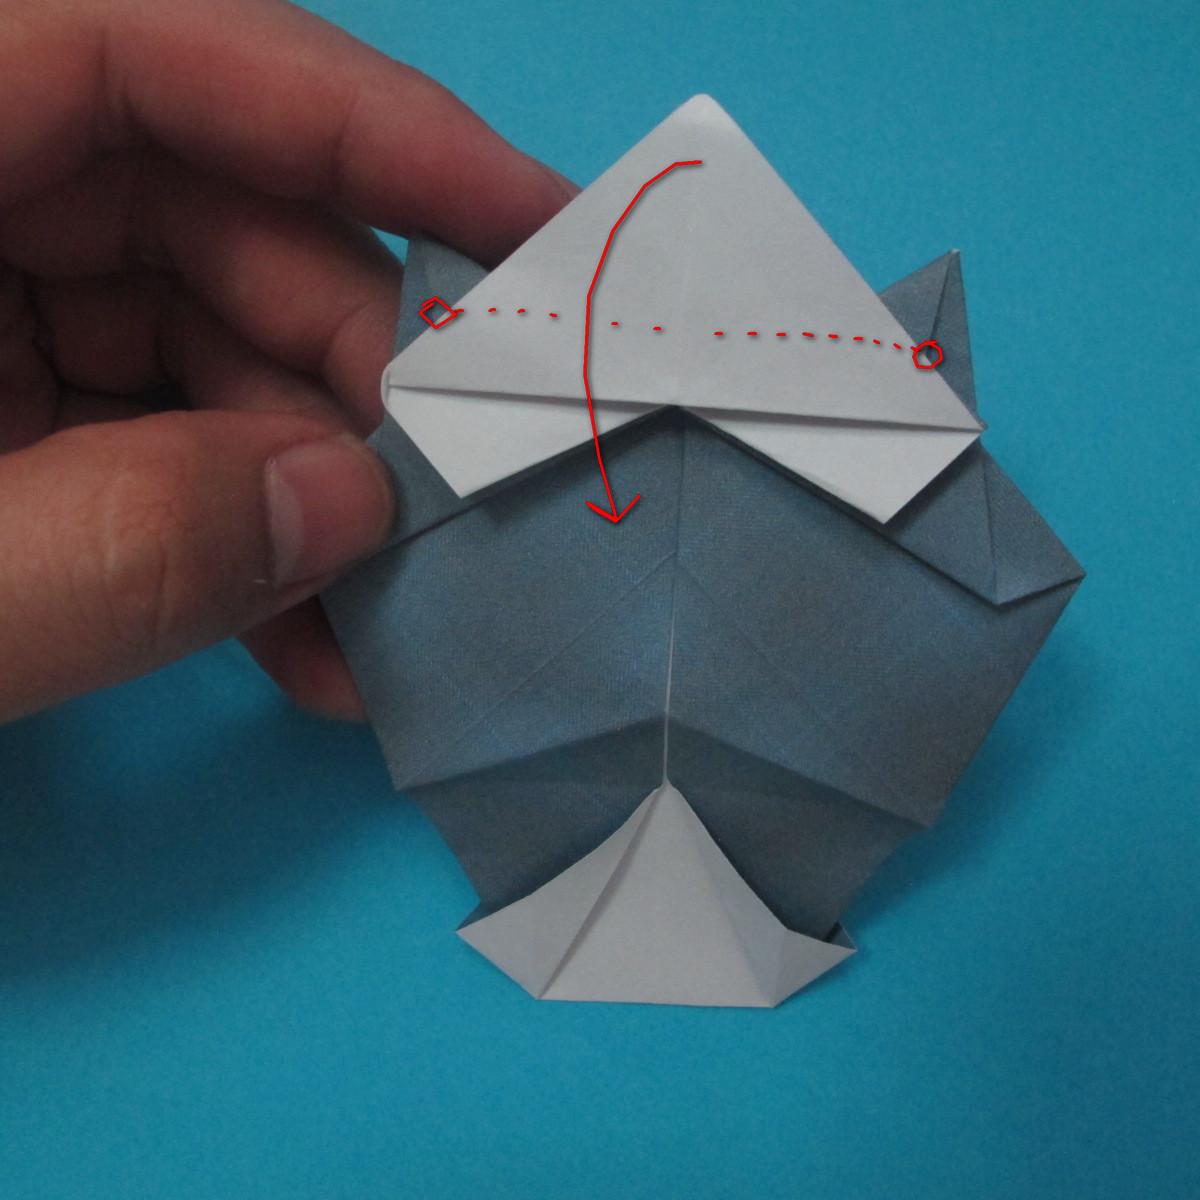 วิธีการพับกระดาษเป็นรูปนกเค้าแมว 024